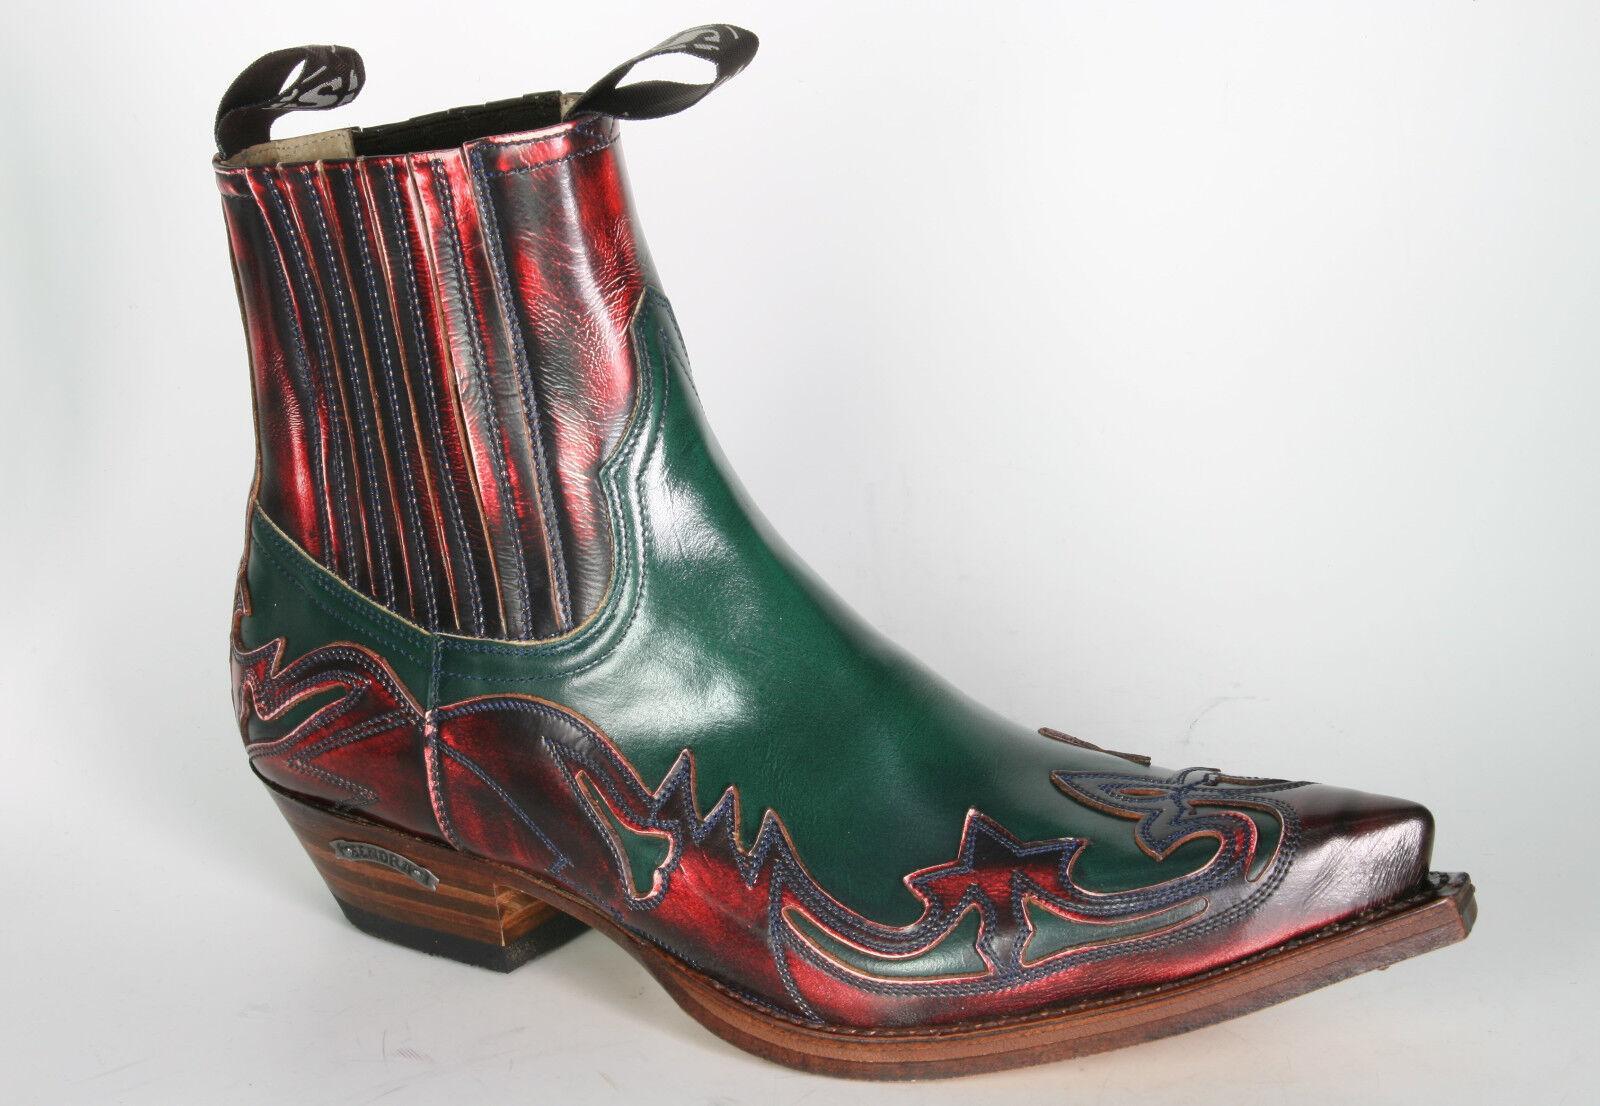 4660 Sendra Stiefeletten Denver Rojo Flor. Verde Cowboystiefel